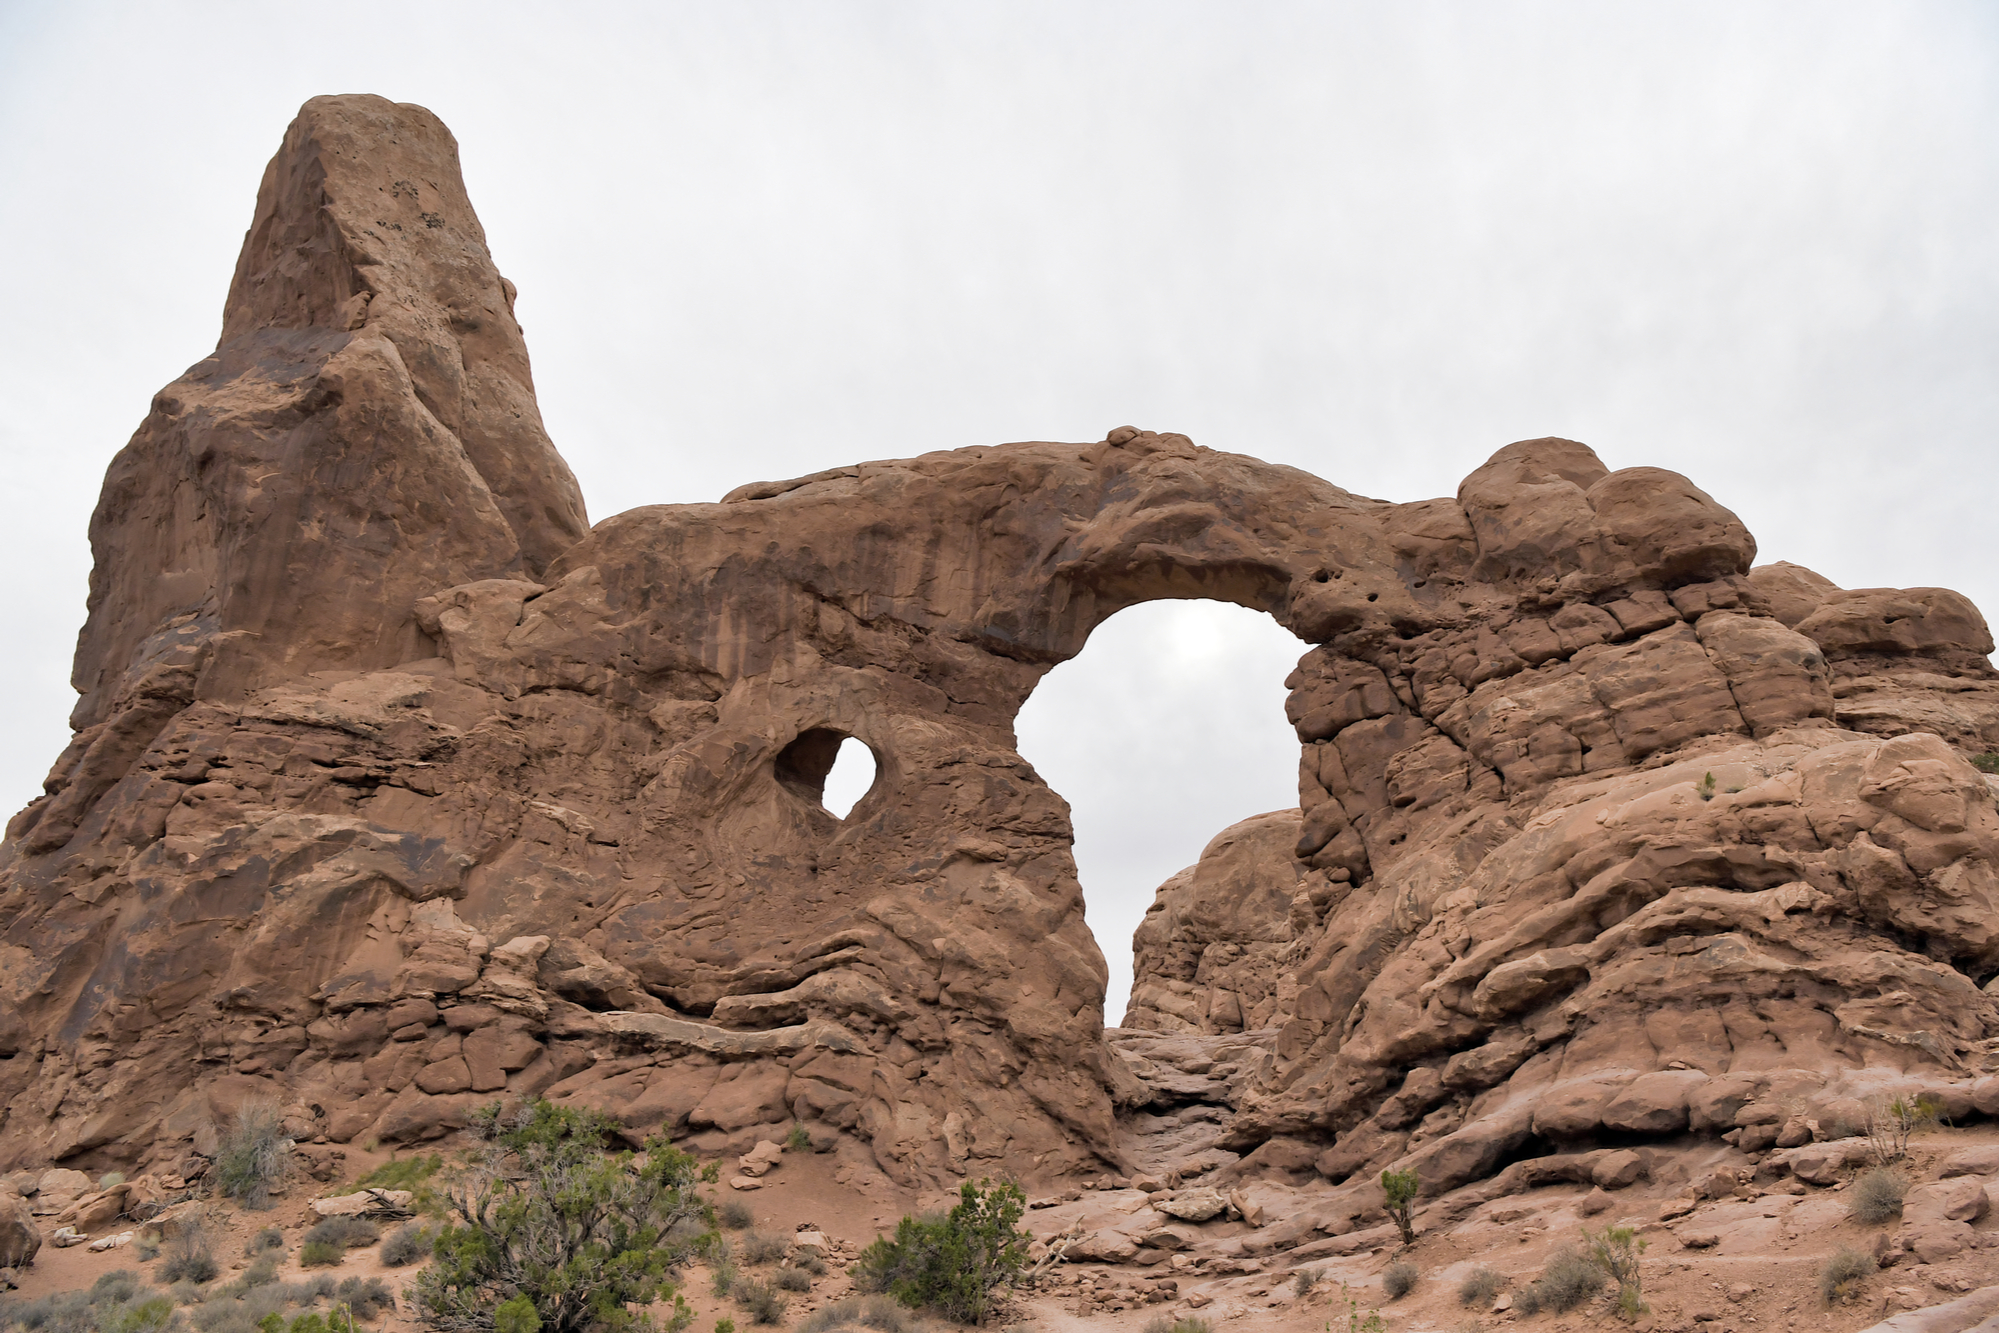 Par fechado de arcos naturais conhecido como arco de buracos formado por erosão (natureza).